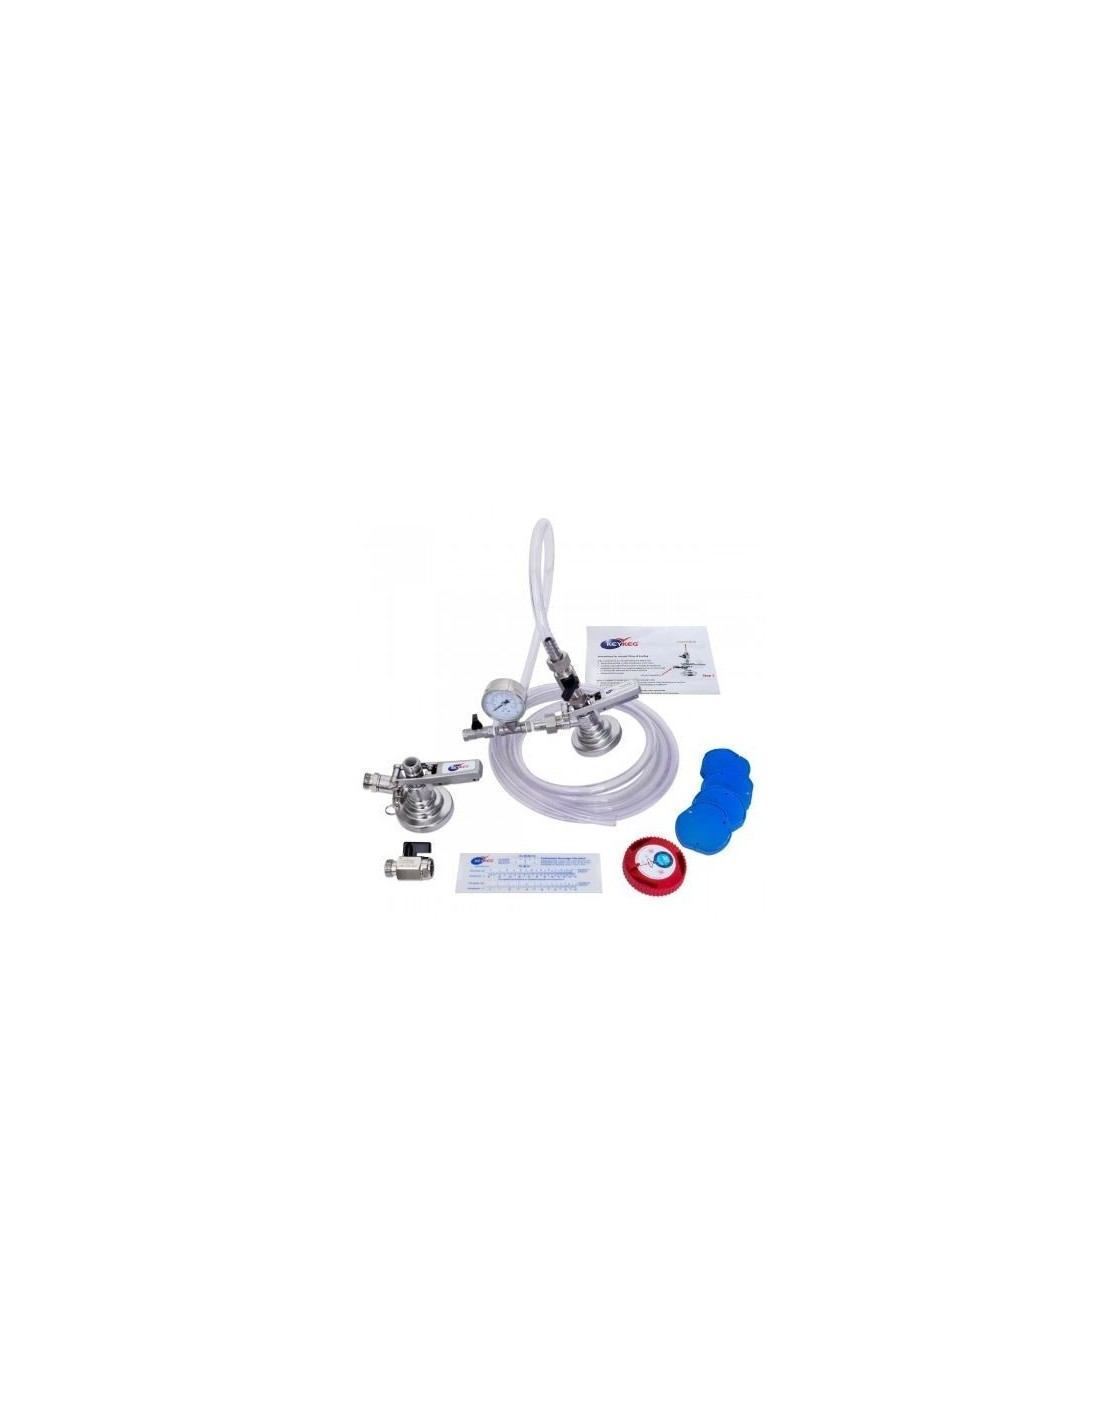 UPP00082 - Fatkoppling Typ-A för manuell fyllning av fat